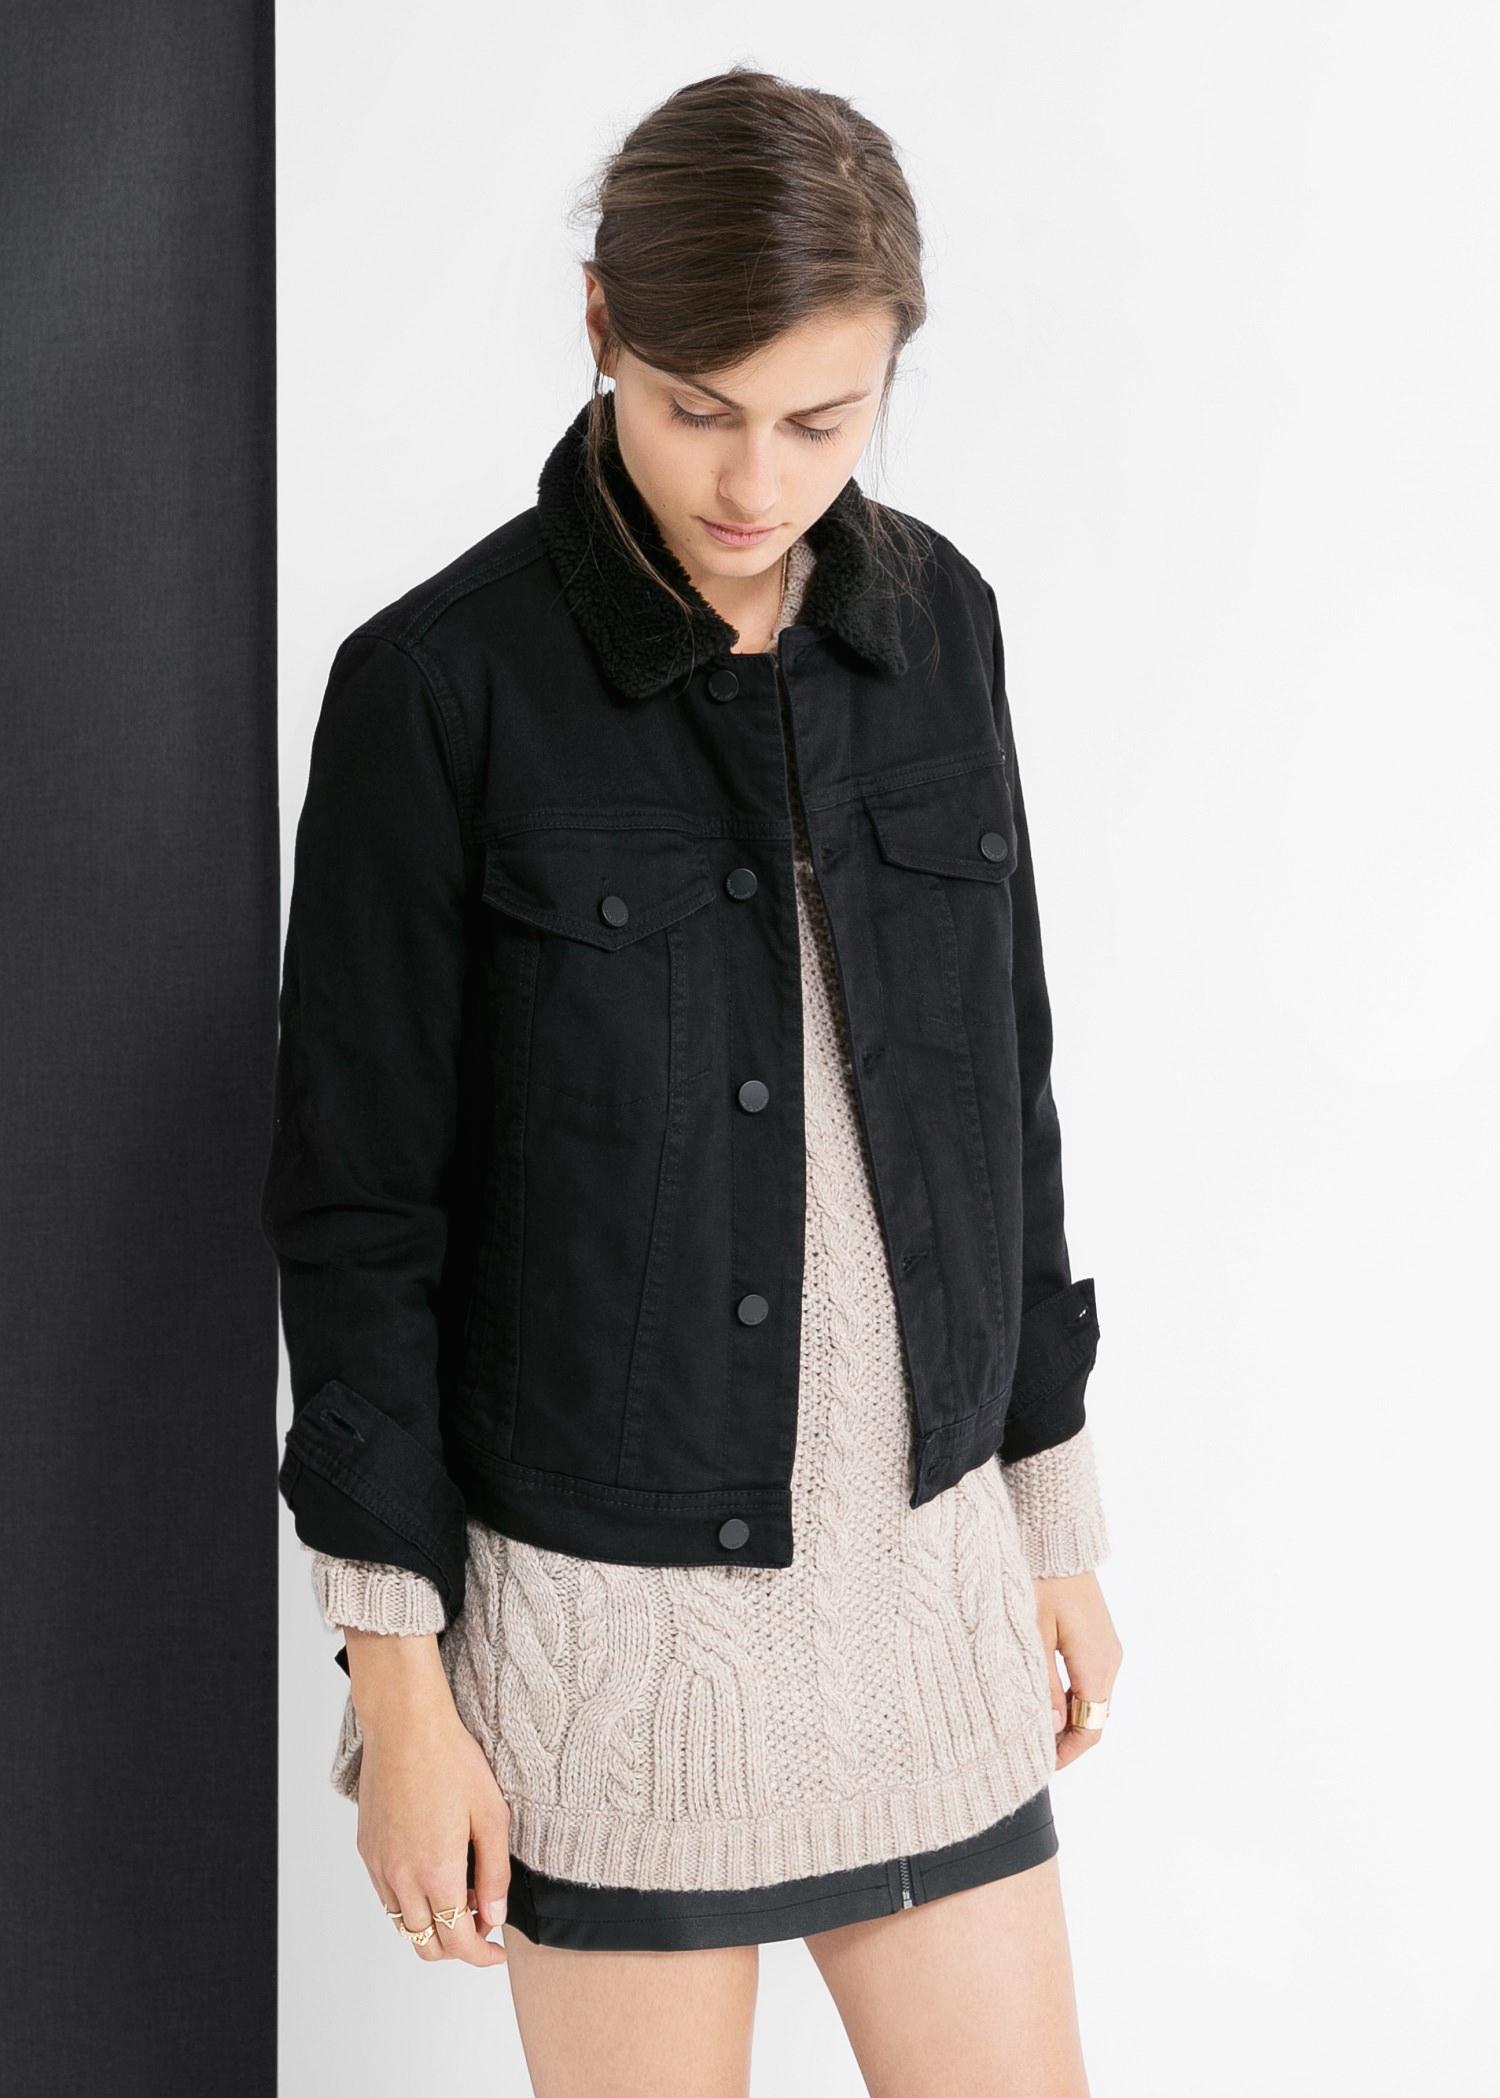 Mango Quilted Denim Jacket in Black | Lyst